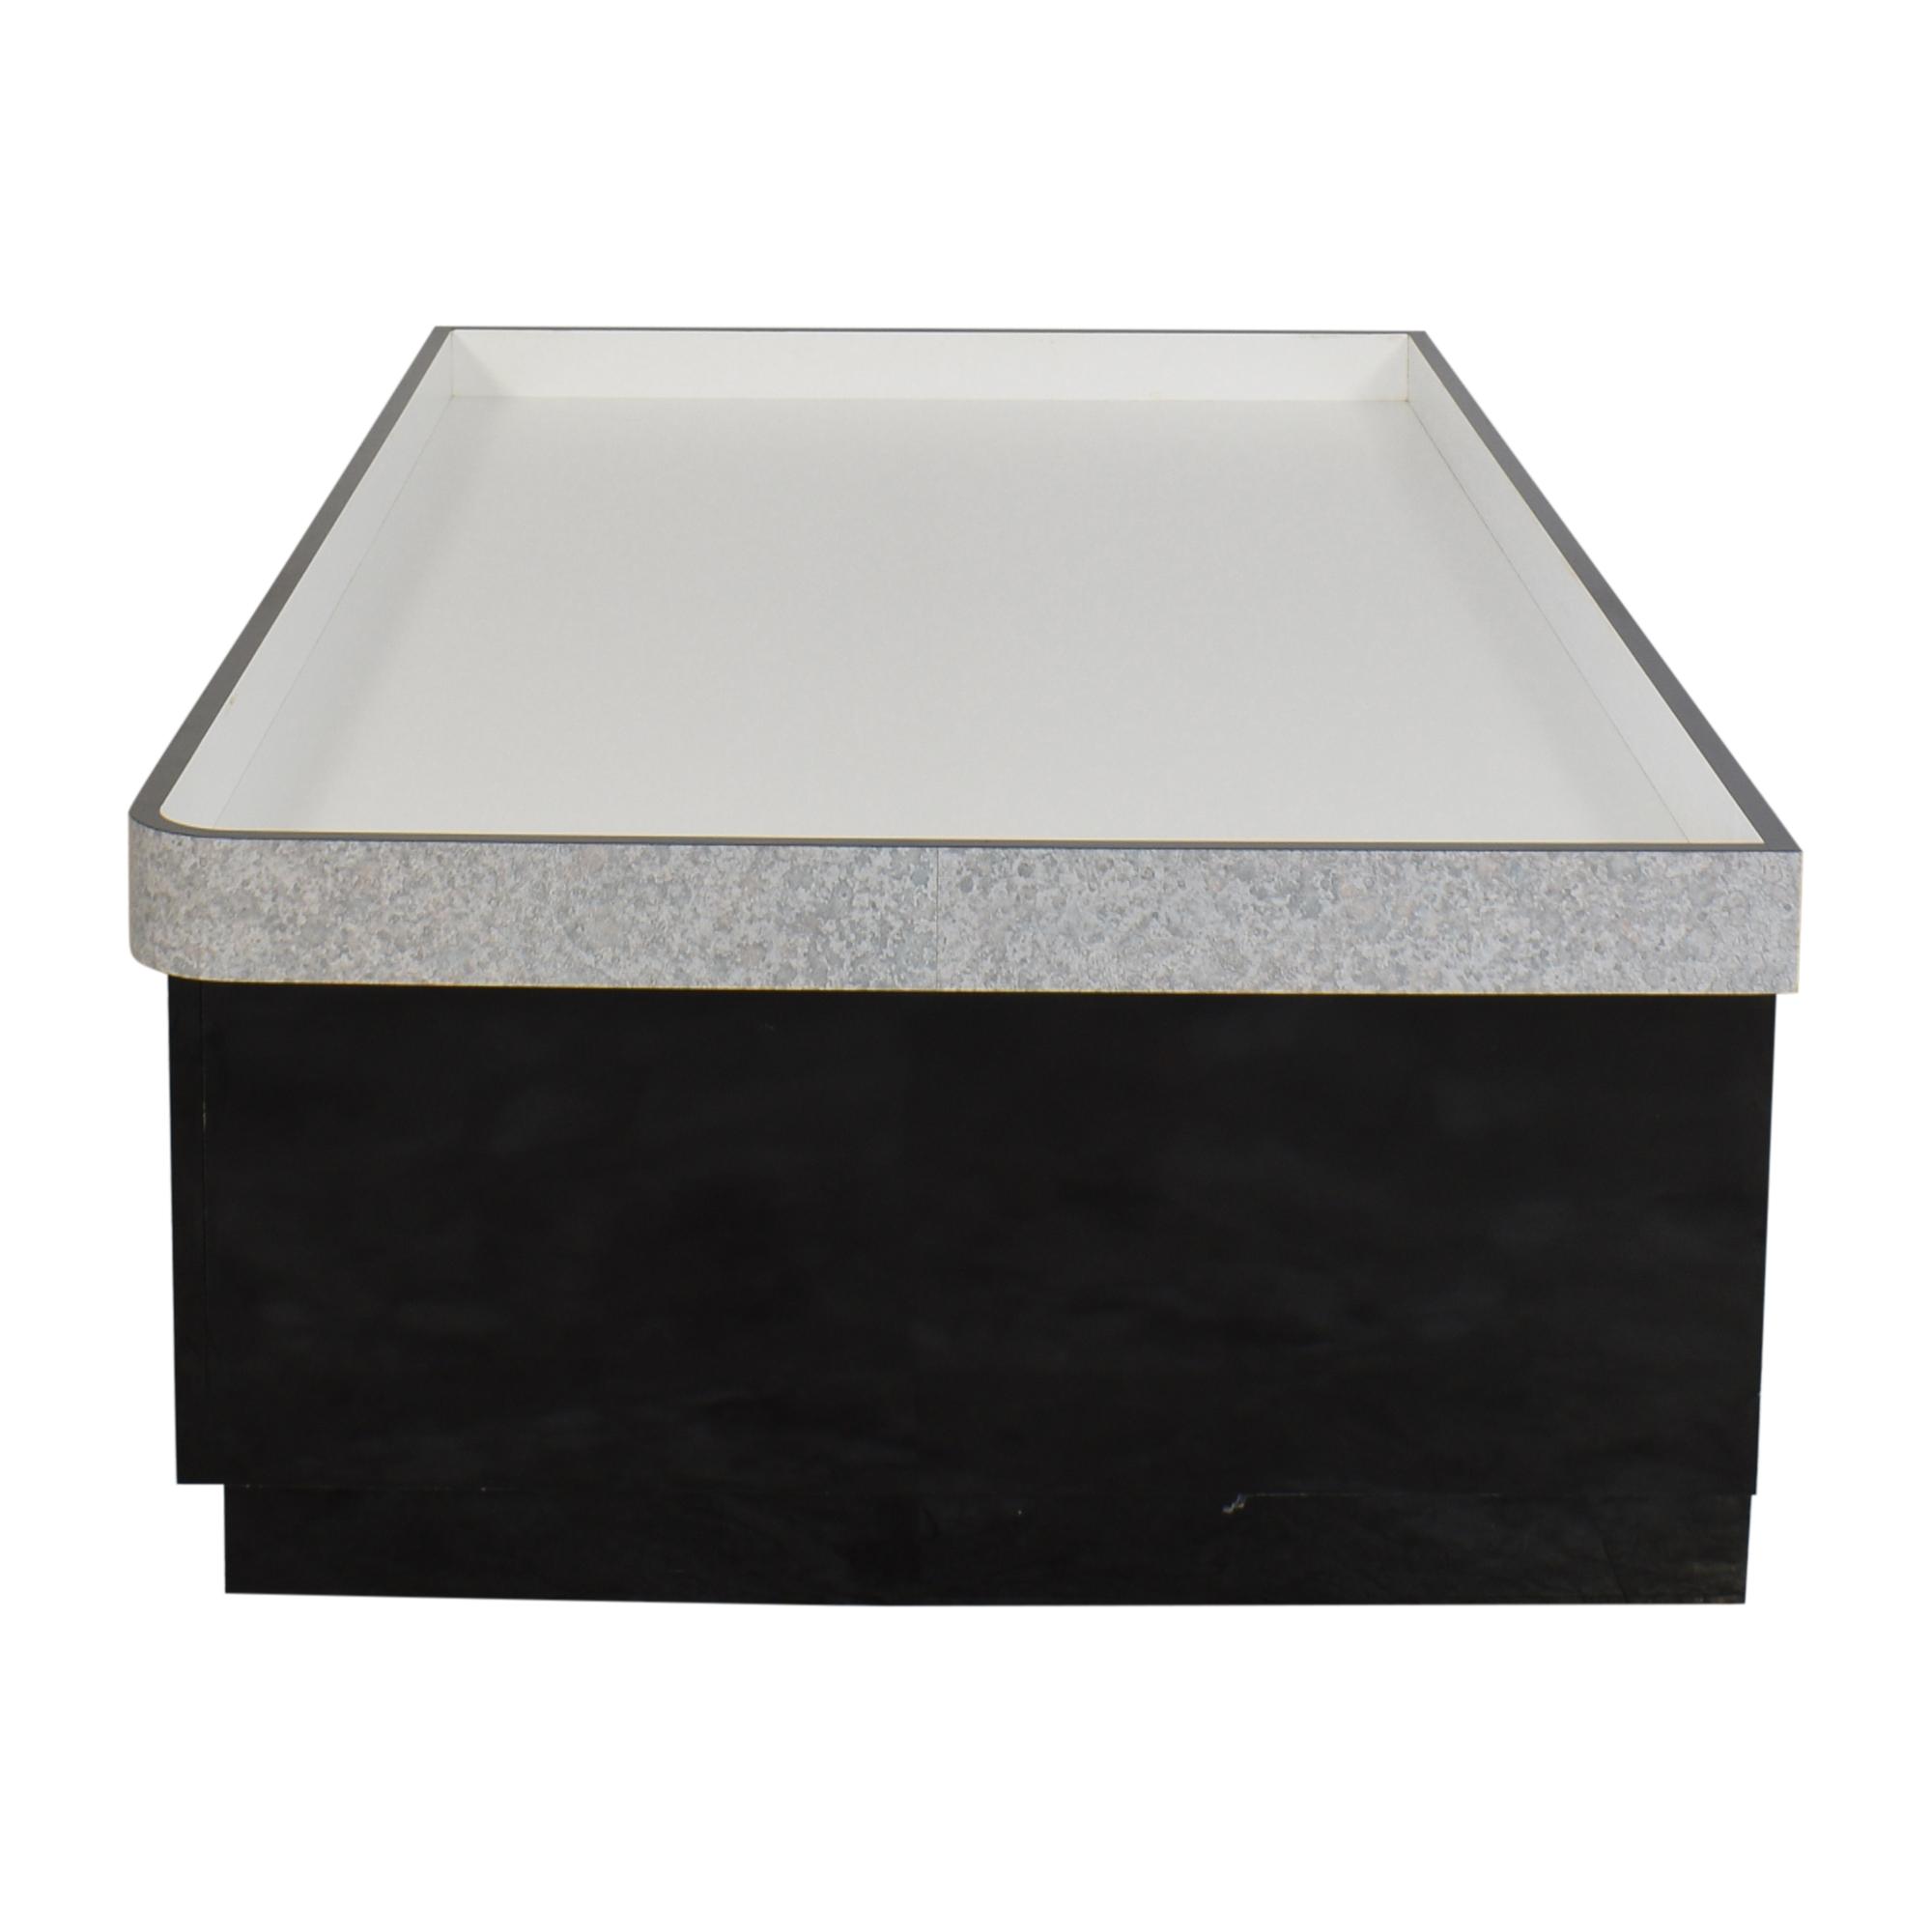 Custom Twin Size Platform Bed with Storage black & grey